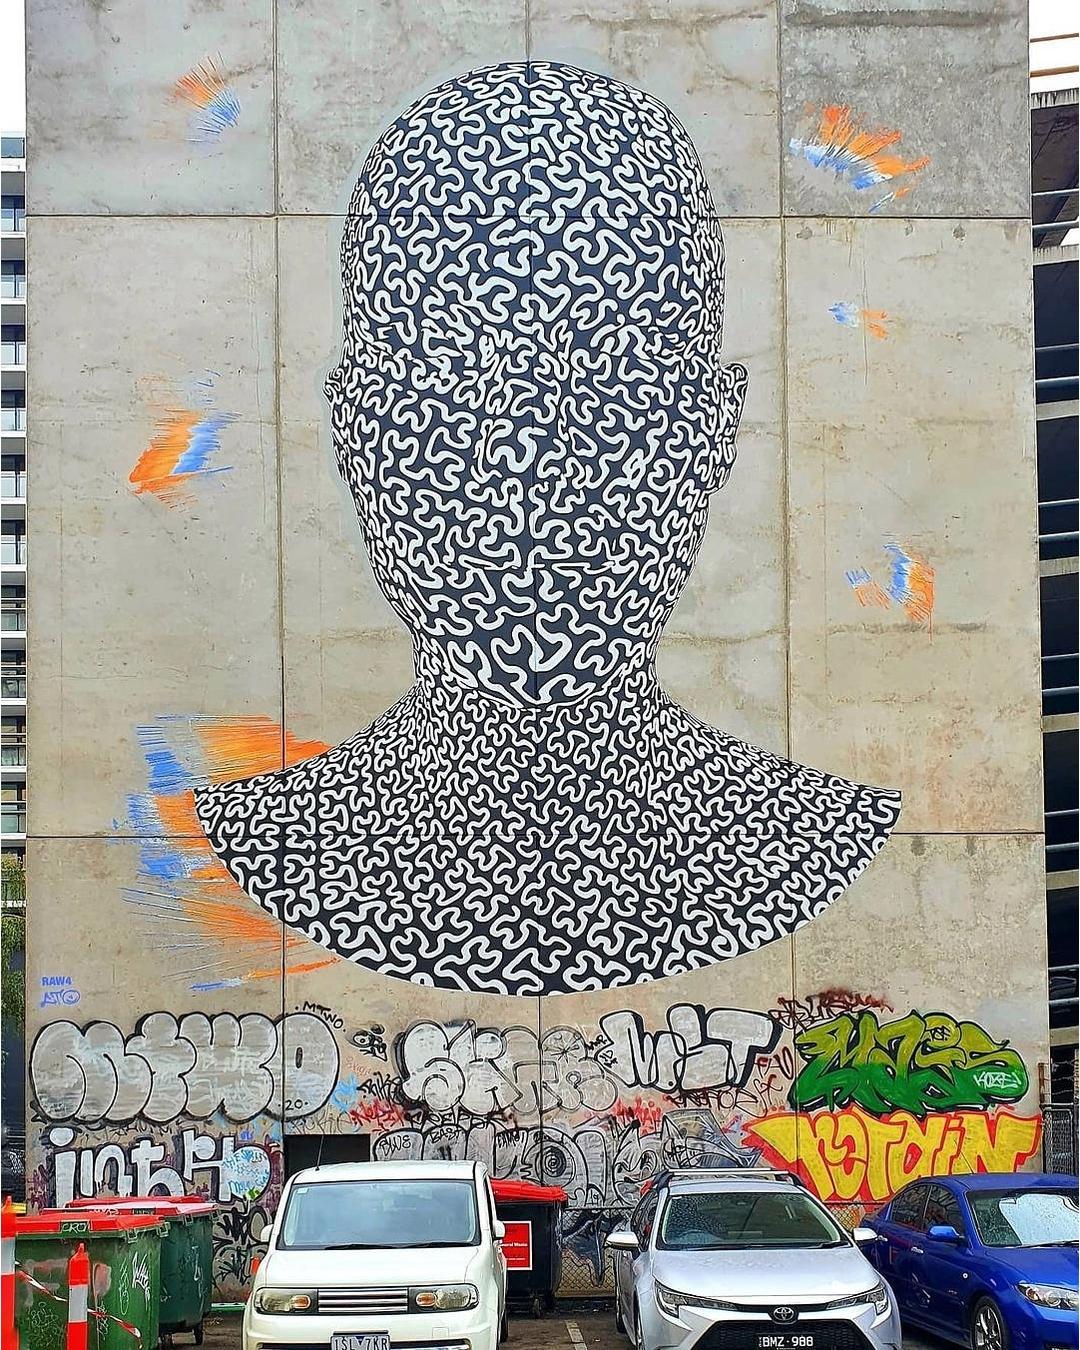 Pete Cto @ Melbourne, Australia